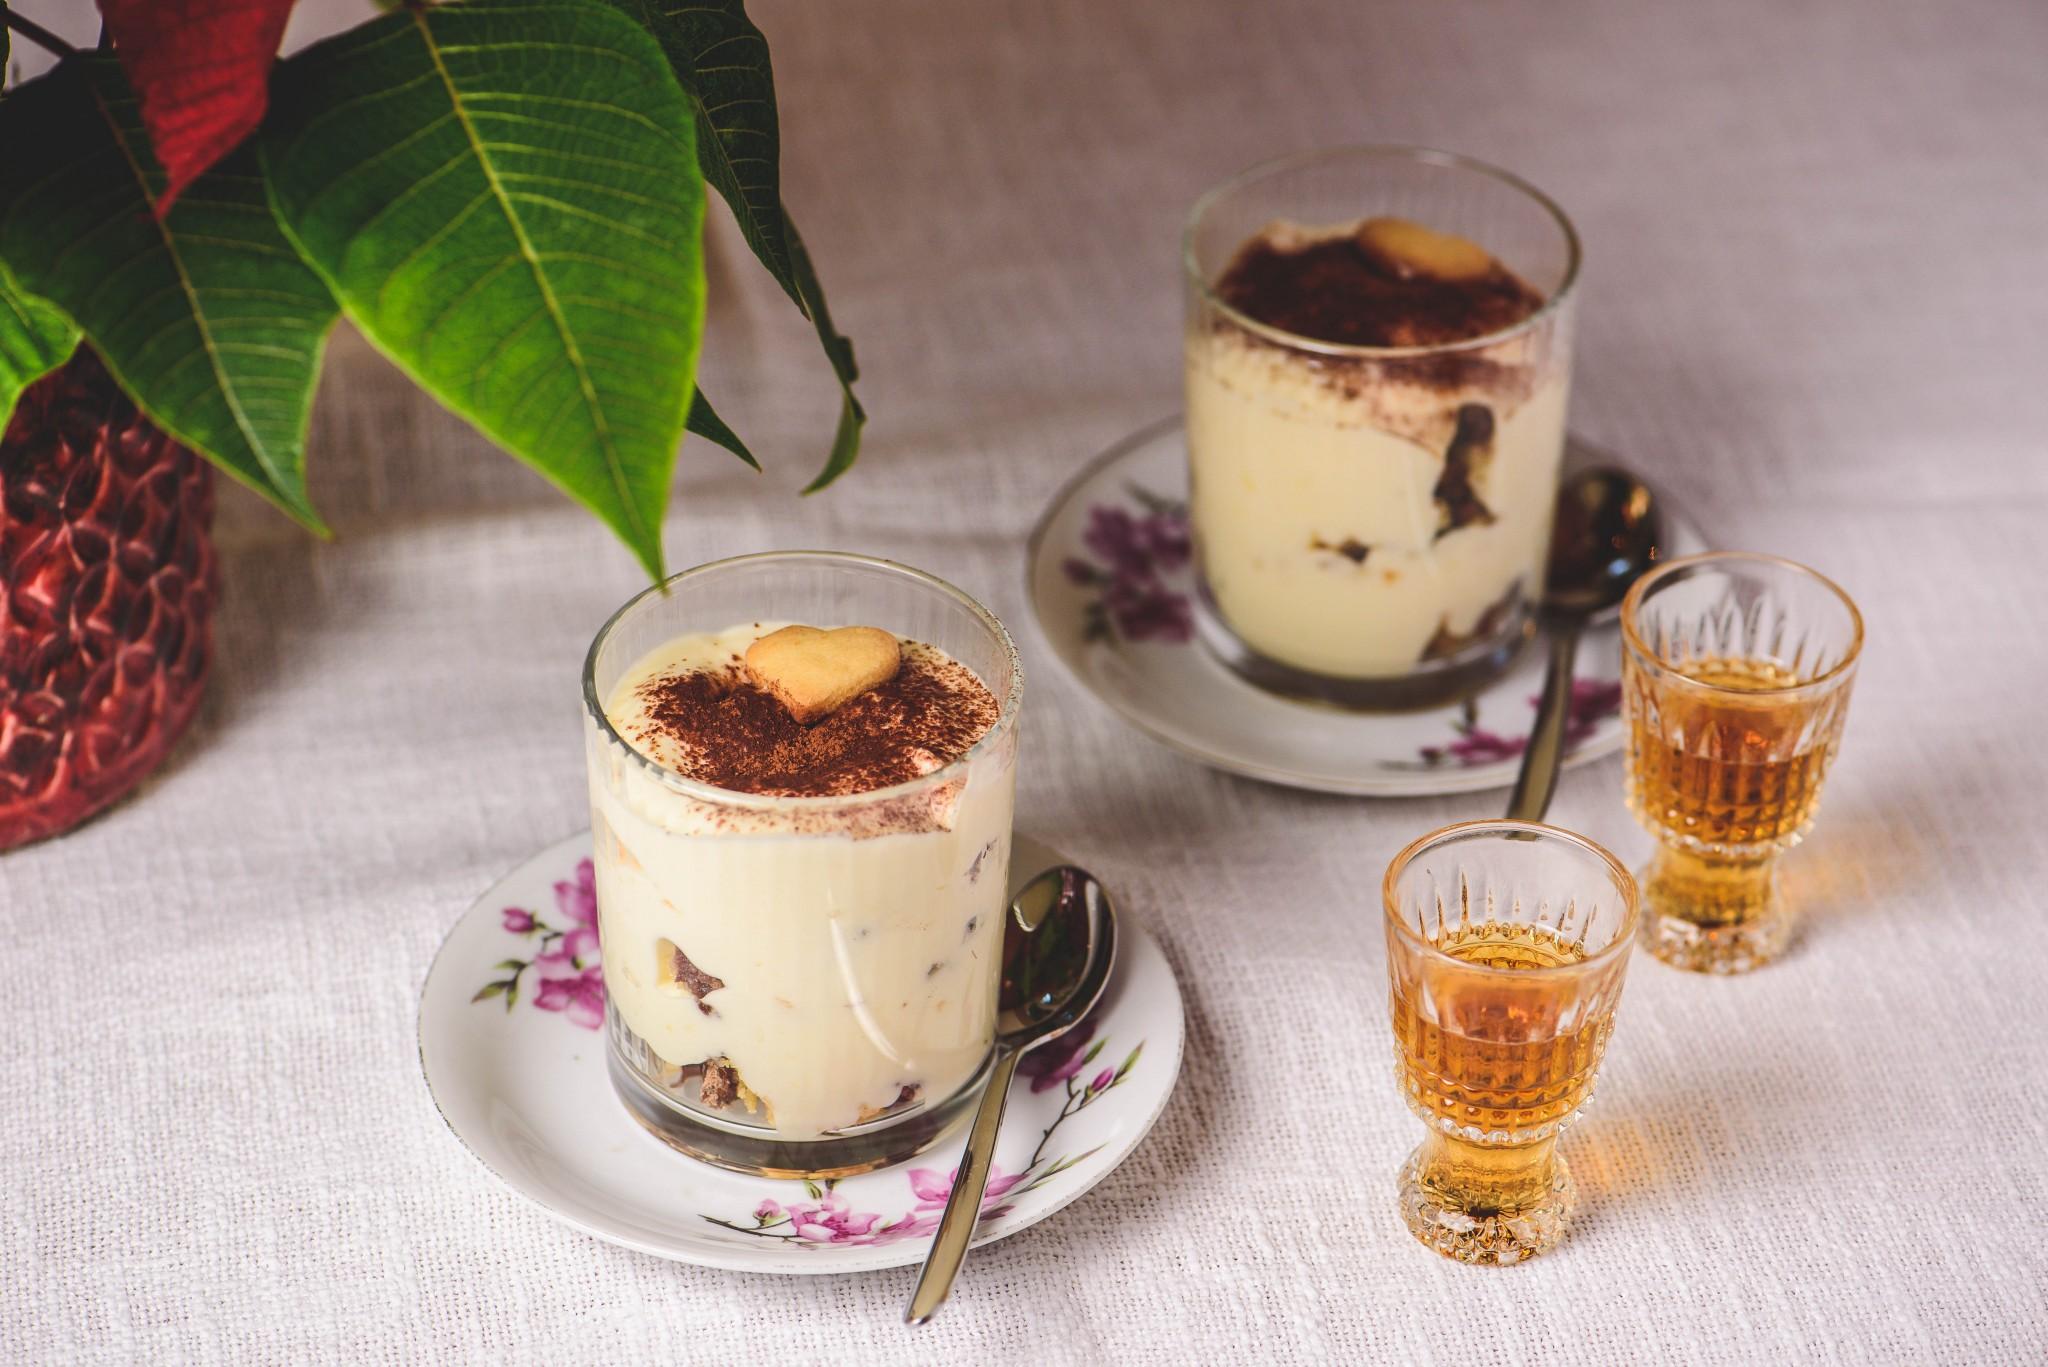 Vanillecreme mit Keksen aus der Restlküche